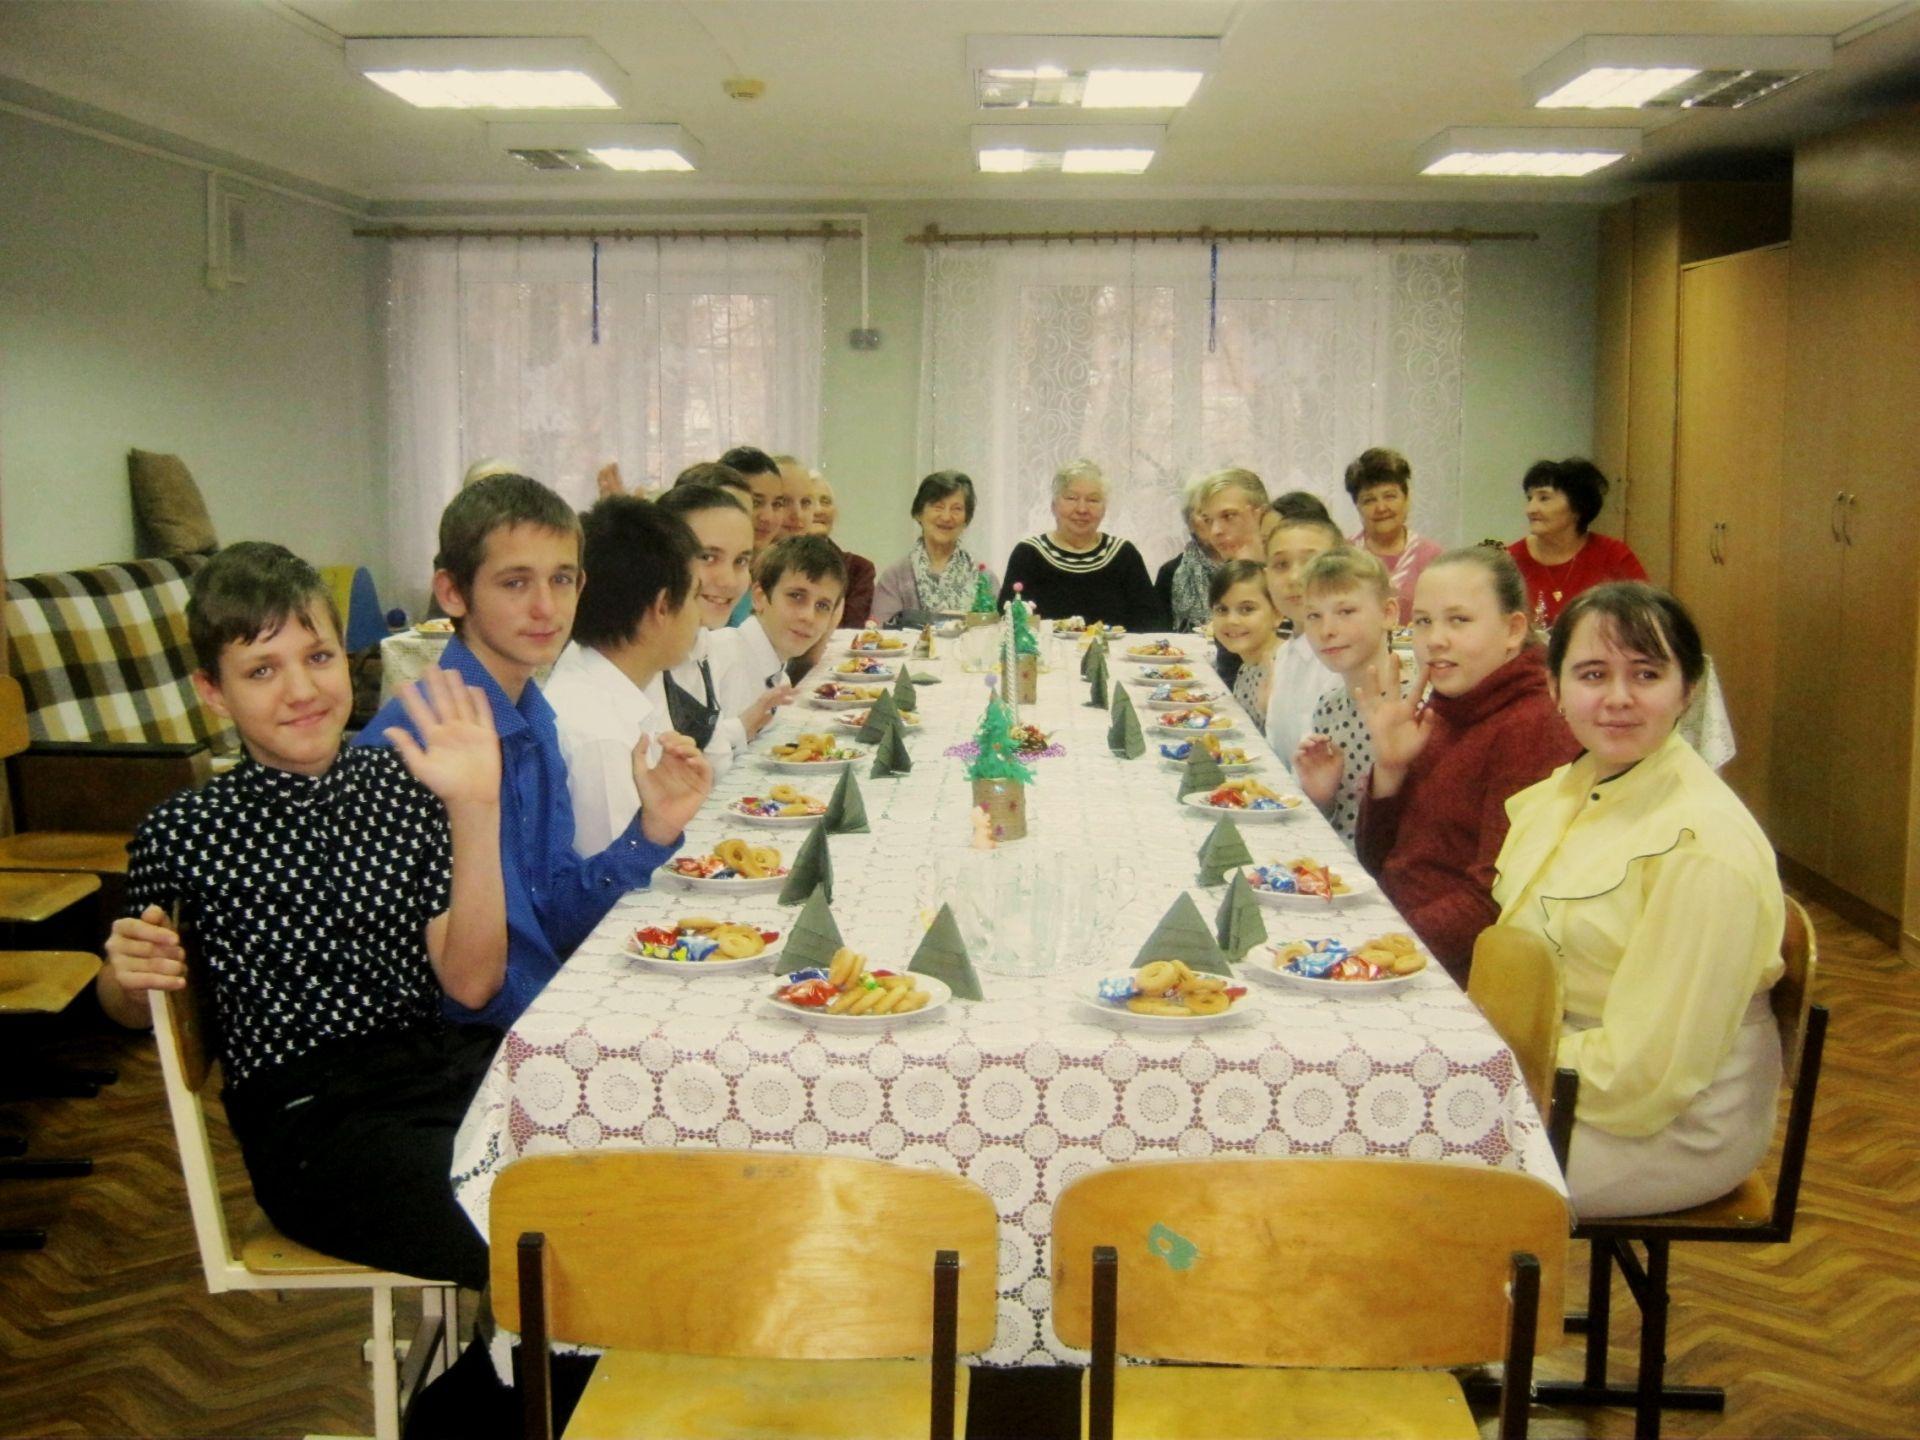 Ветераны микрорайона Октябрьский устроили праздник для ребят из школы-интерната